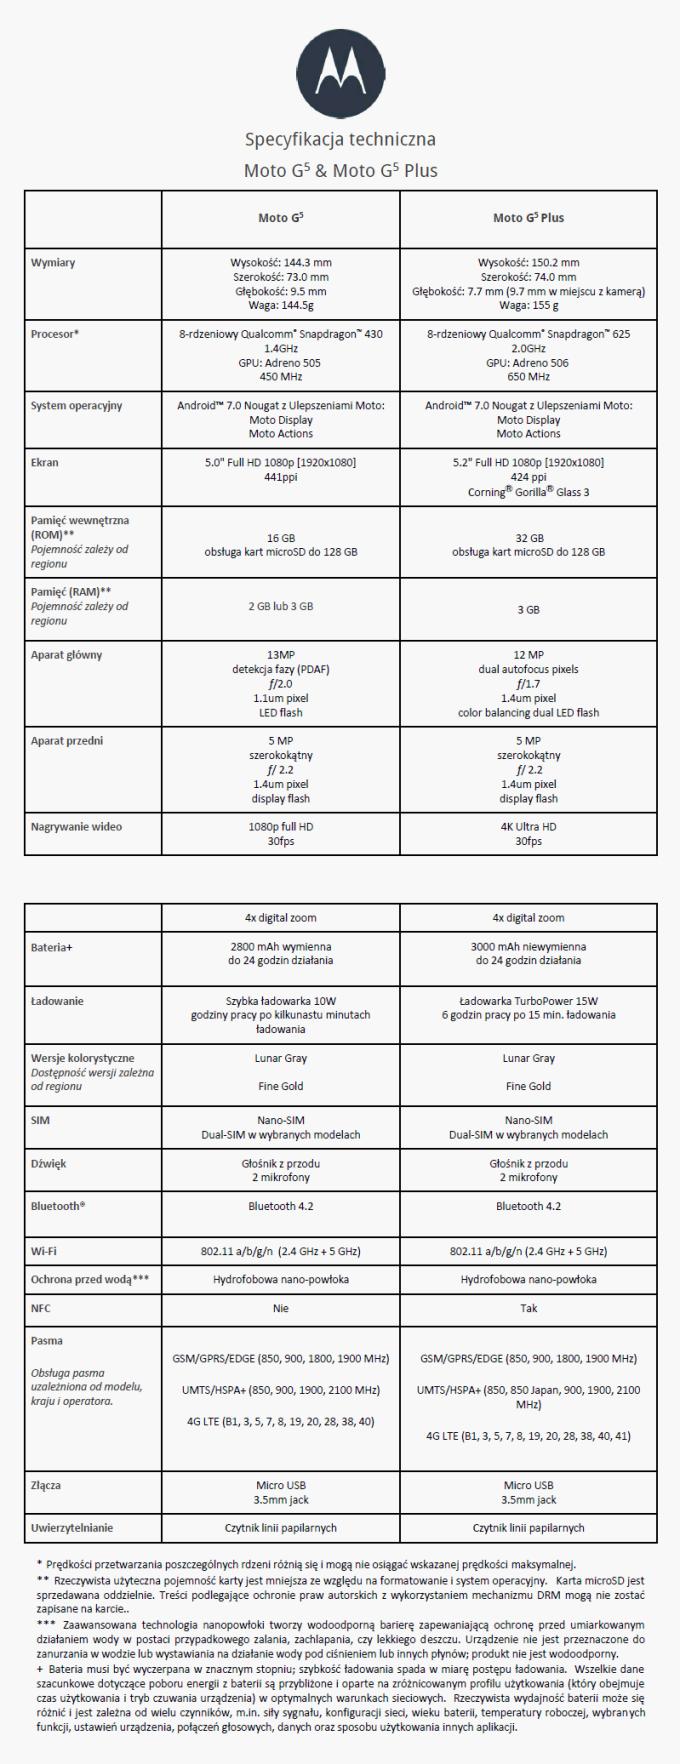 Porównanie parametrów technicznych Moto G5 i Moto G5 Plus